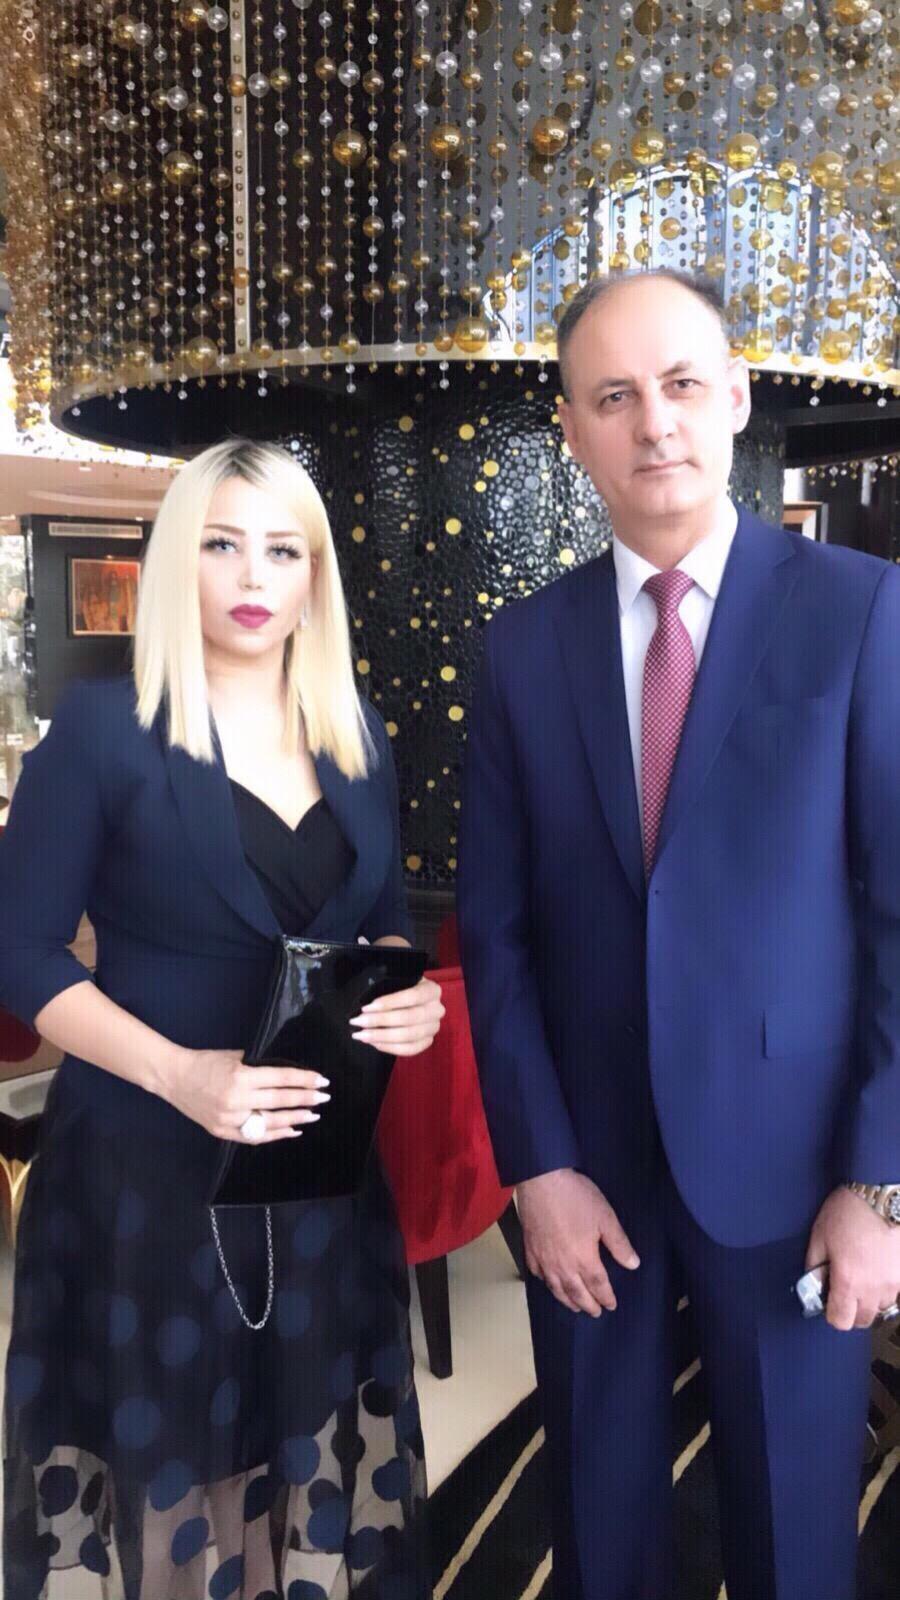 المديرة التنفيذية لمجموعة أرابيسك أسماء السعيدي تشارك في افتتاح مهرجان جرش